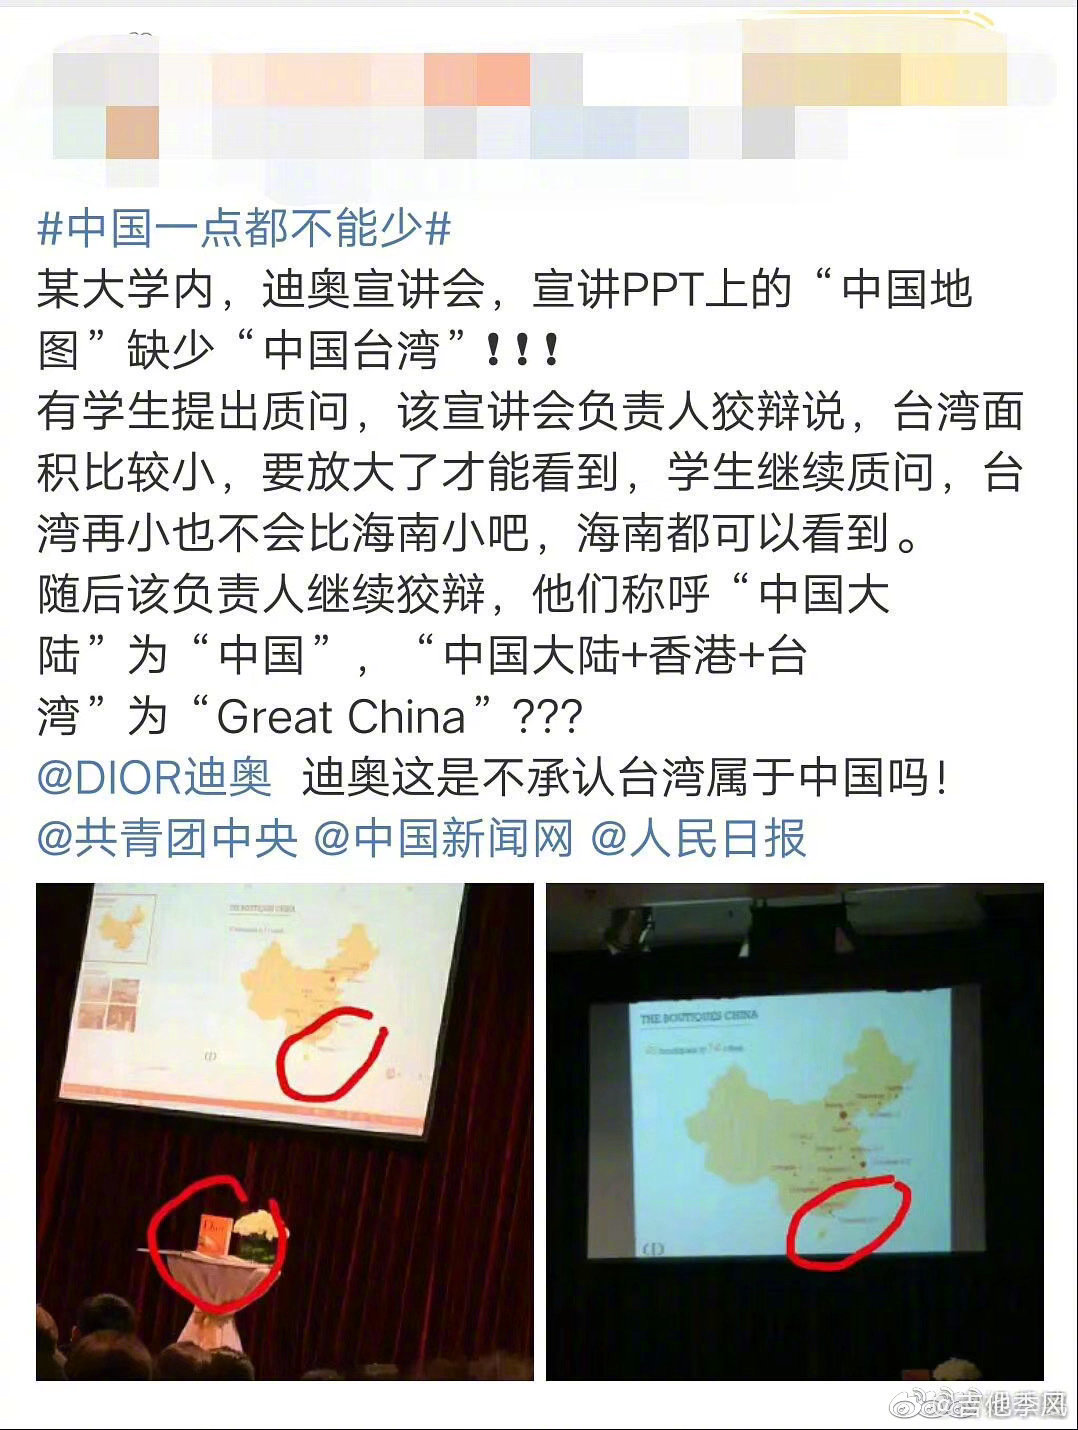 在中国大陆的大学,给学生看没有台湾的中国地图,迪奥